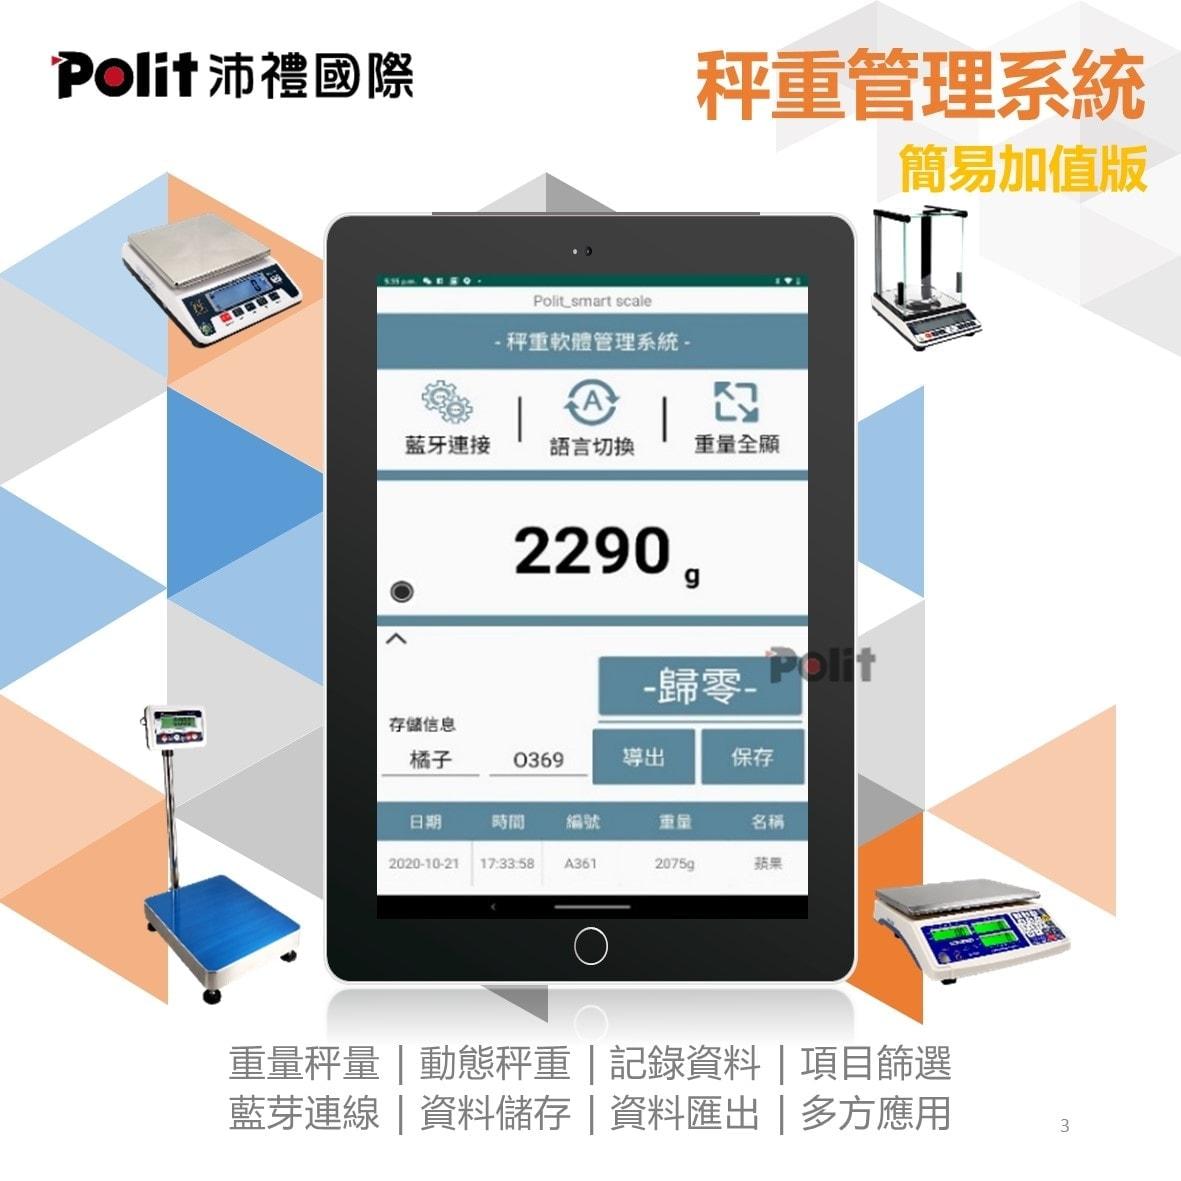 秤重管理系統 智能秤 | 沛禮國際 Polit 電子秤專賣